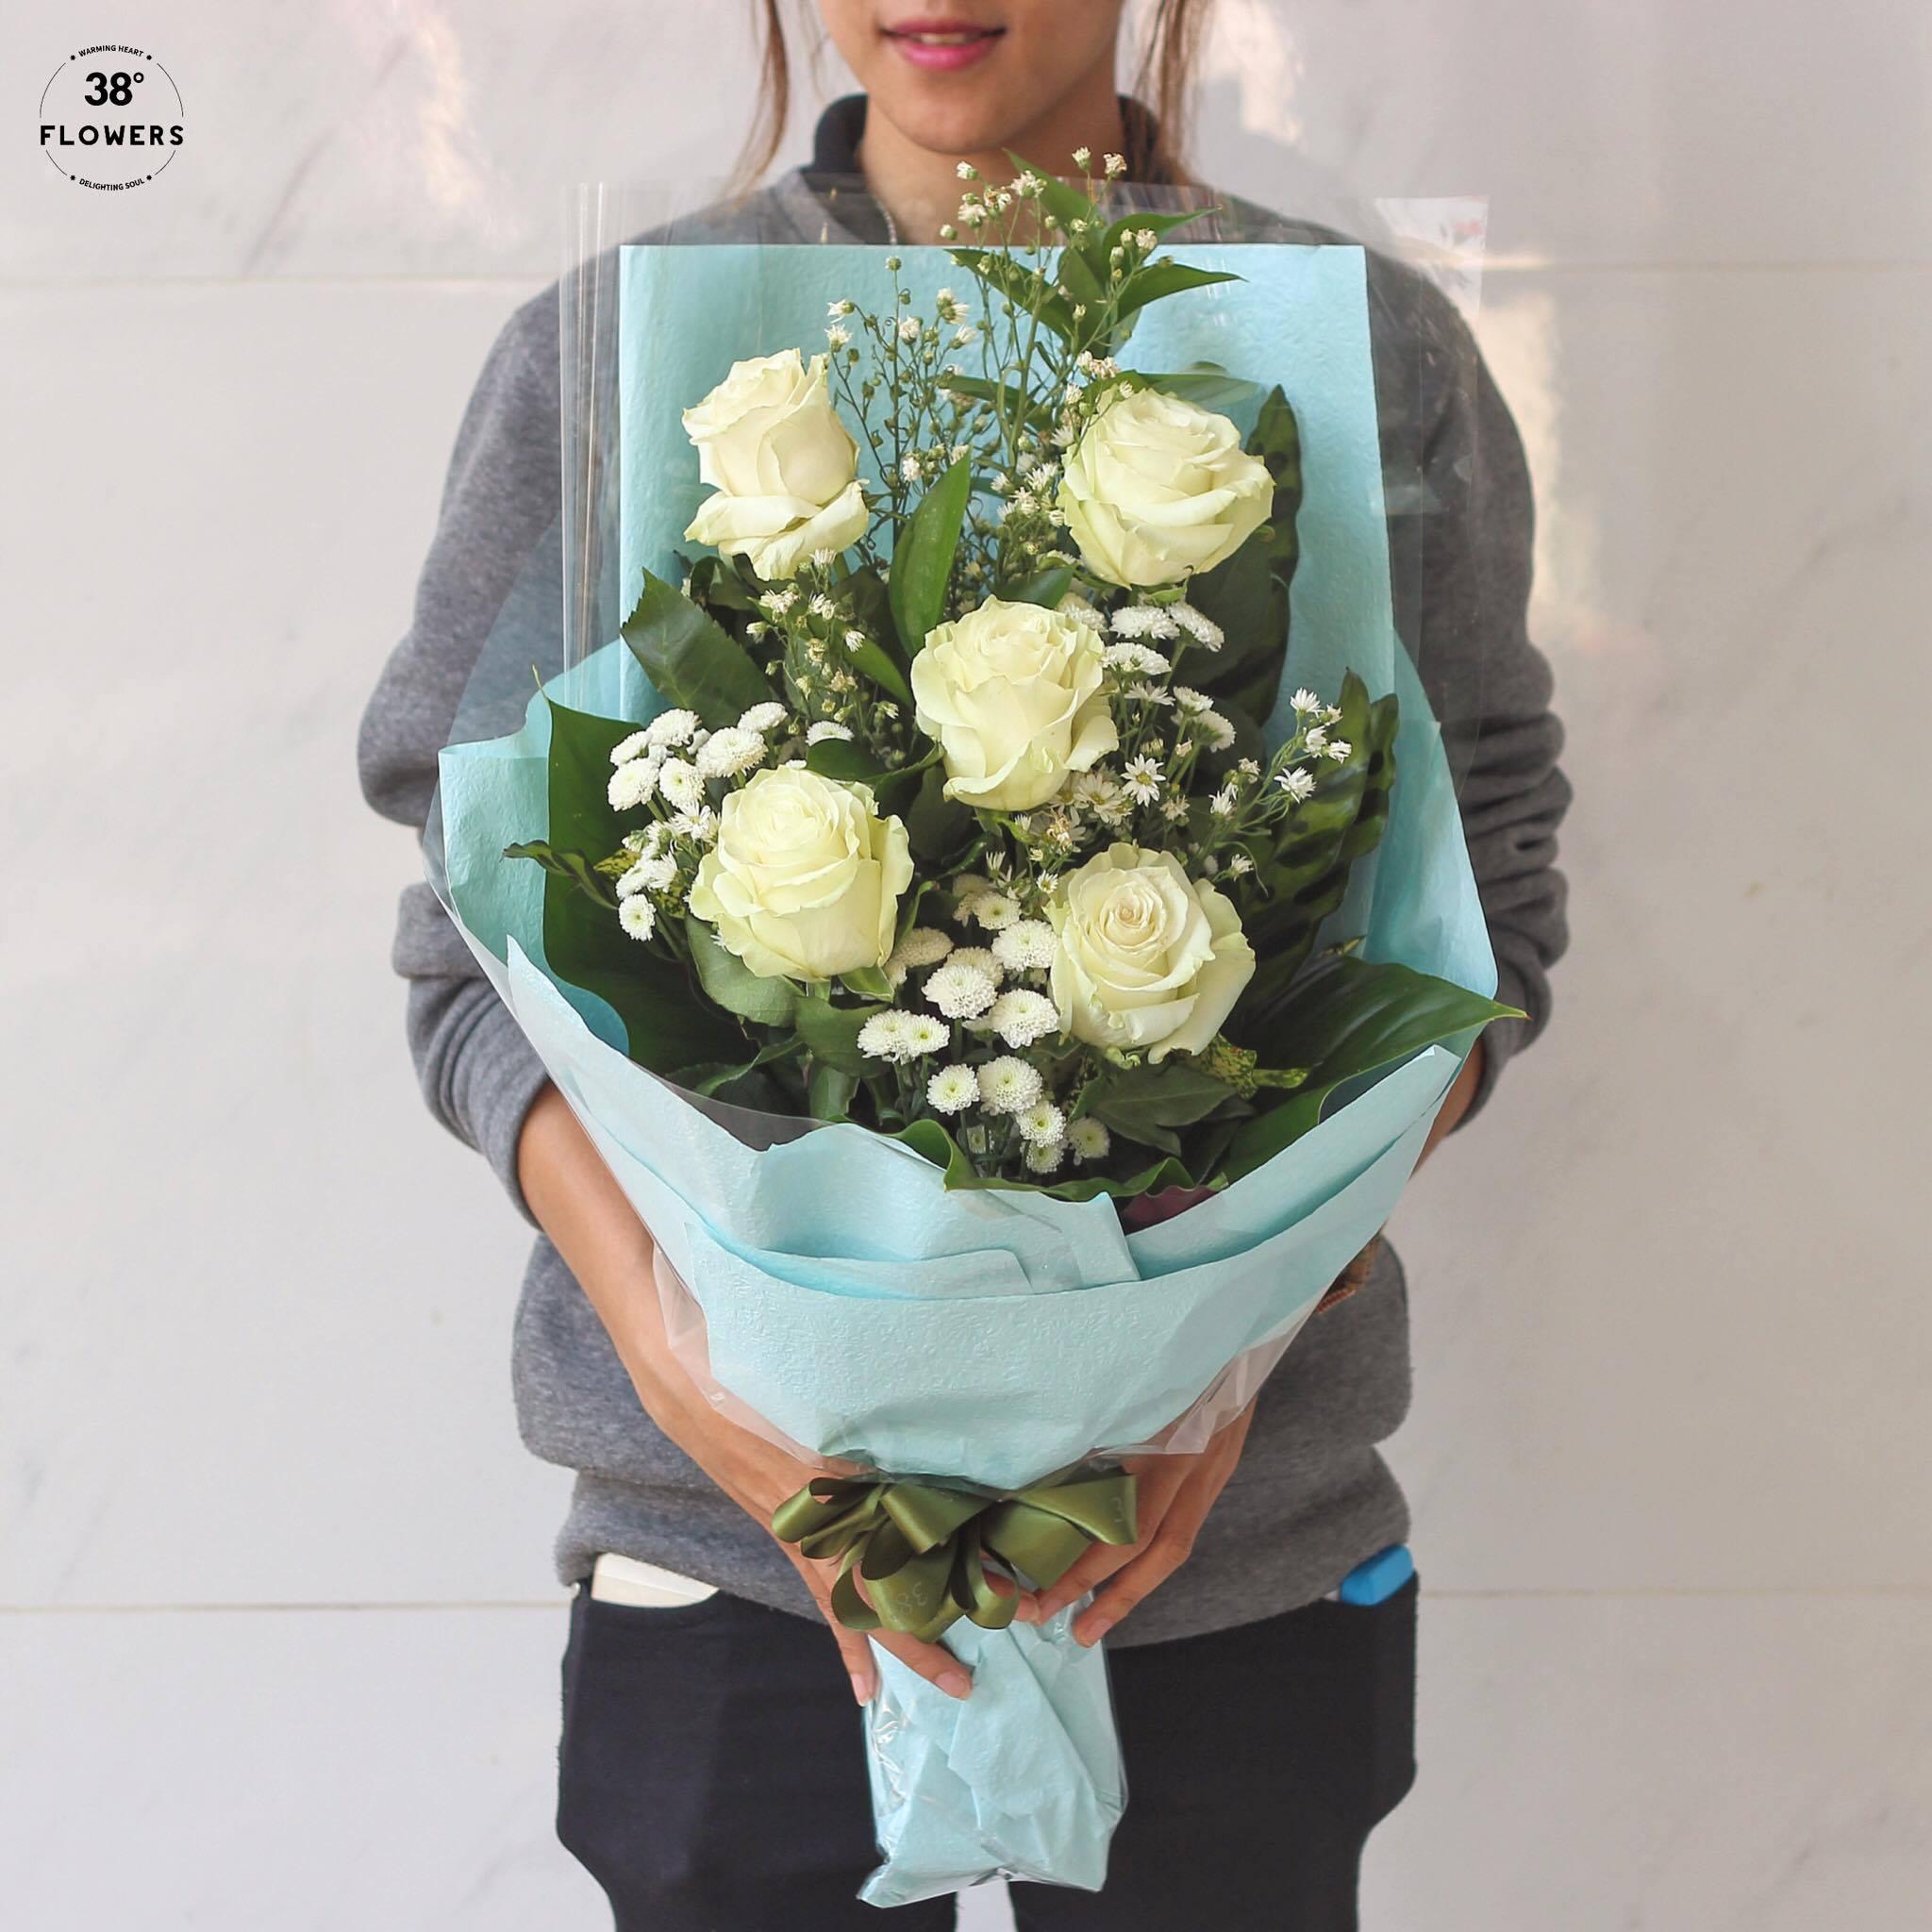 Bó hoa hồng trắng làm thành bó cực đẹp